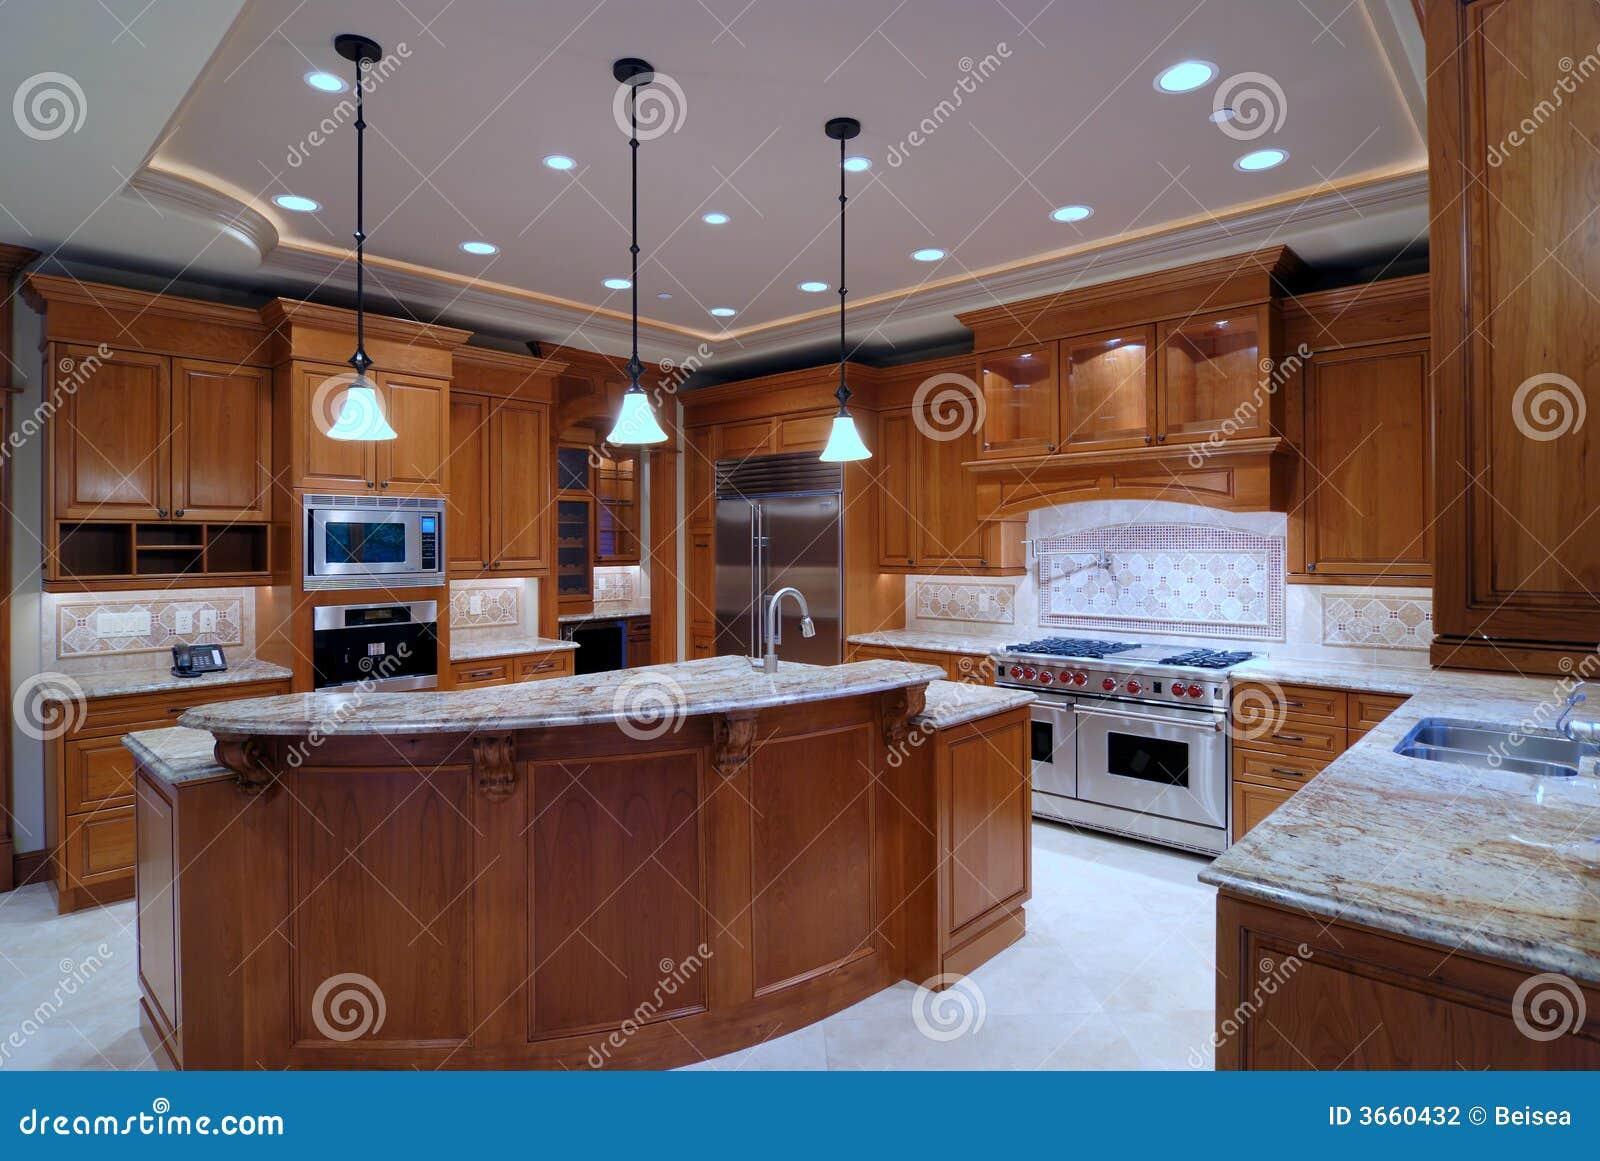 Keuken Grote Open : Grote open keuken stock foto afbeelding bestaande uit herenhuis